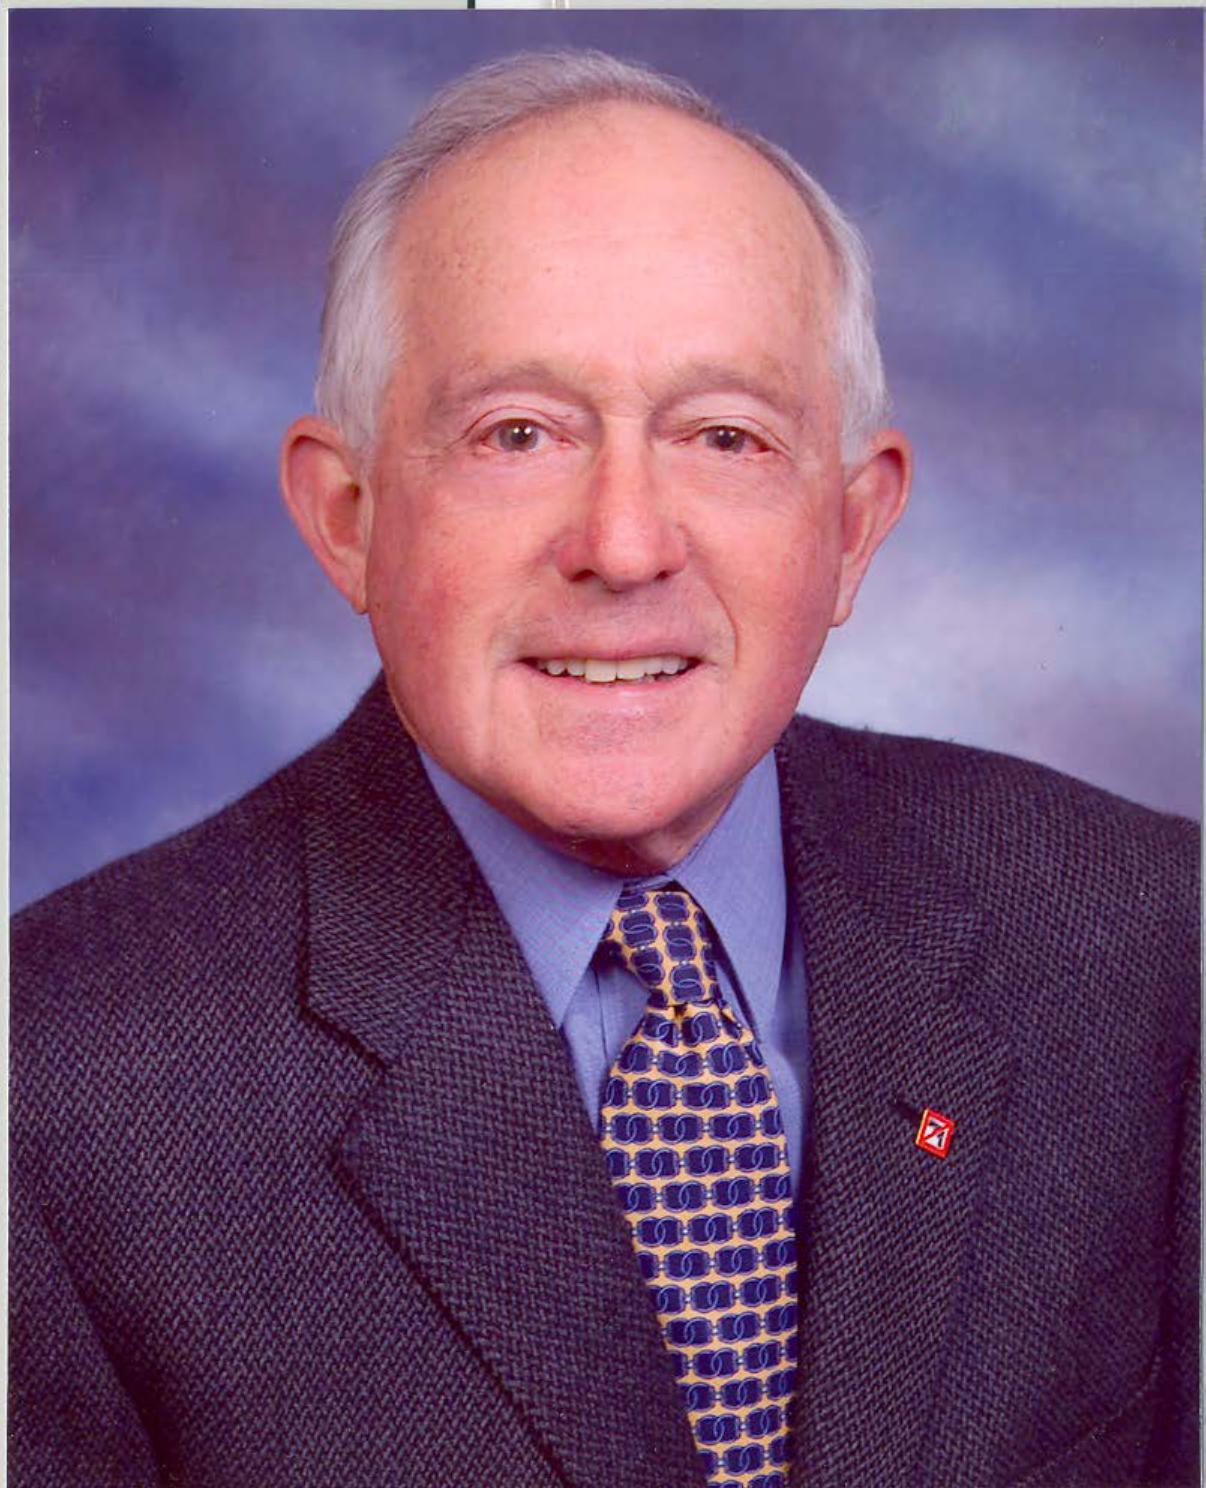 Donald Brown Headshot.jpg